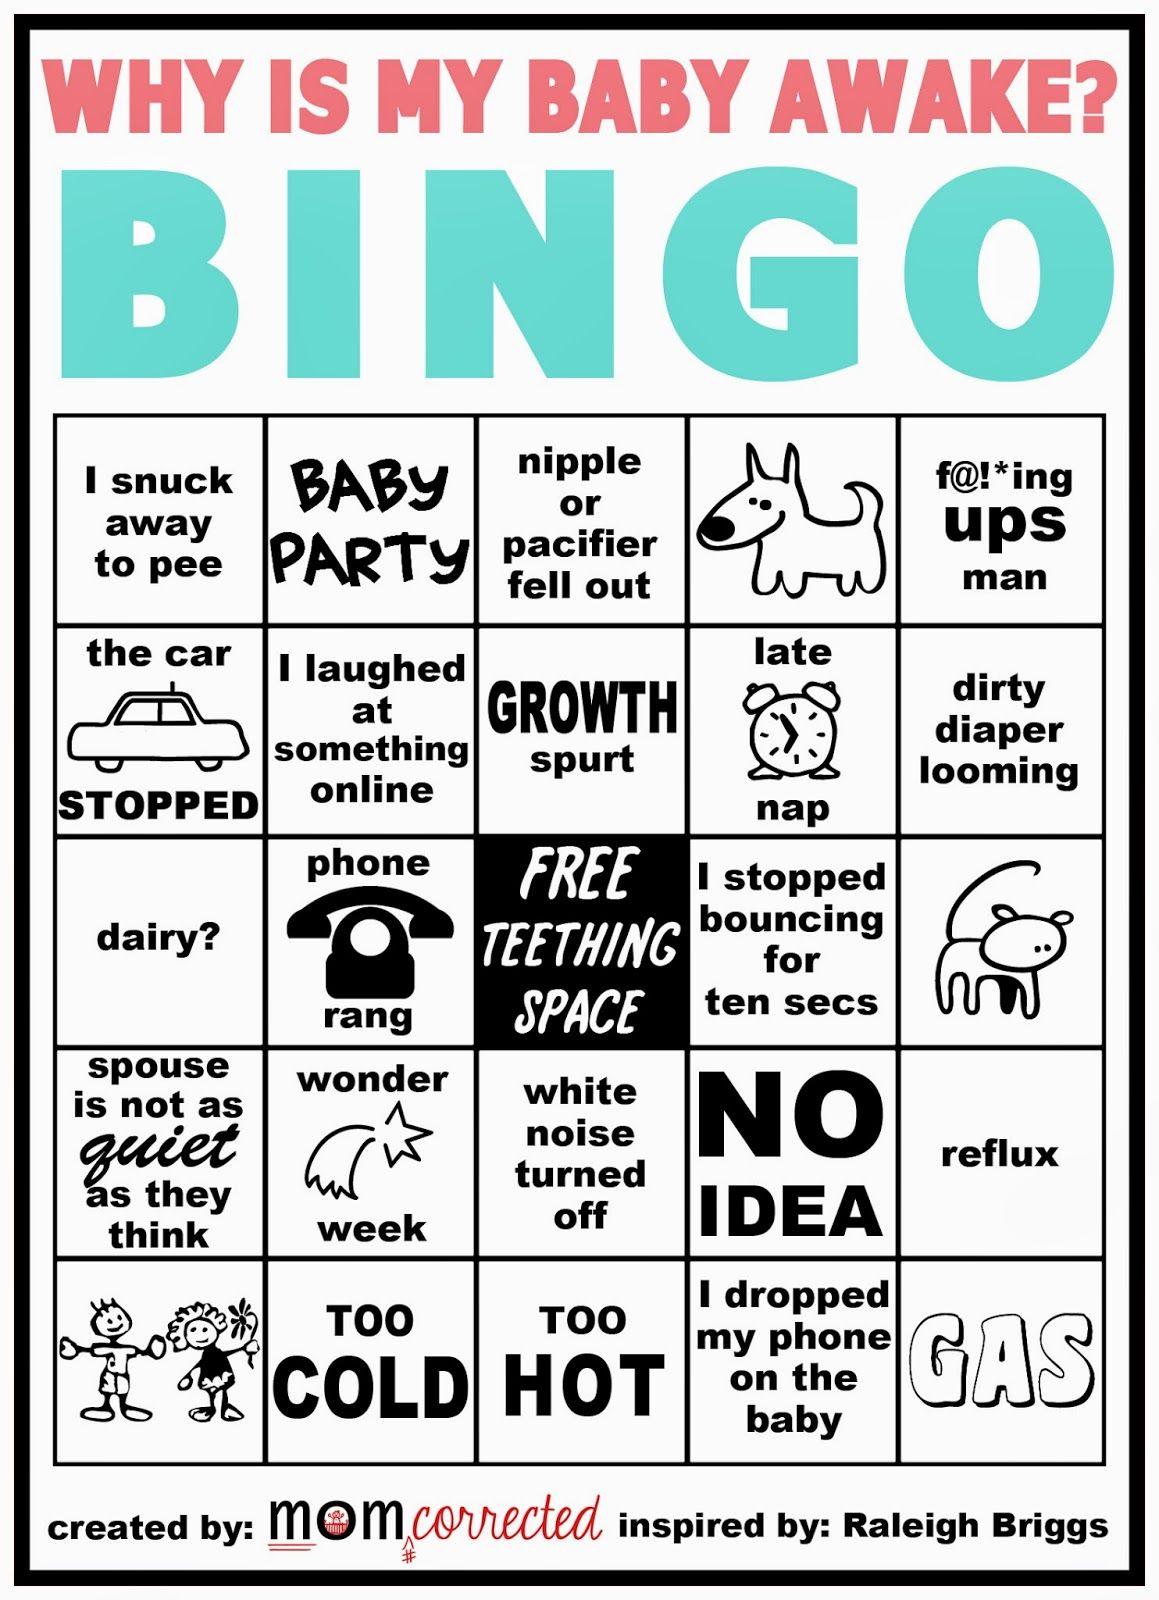 bingo.jpg 1,159×1,600 pixels